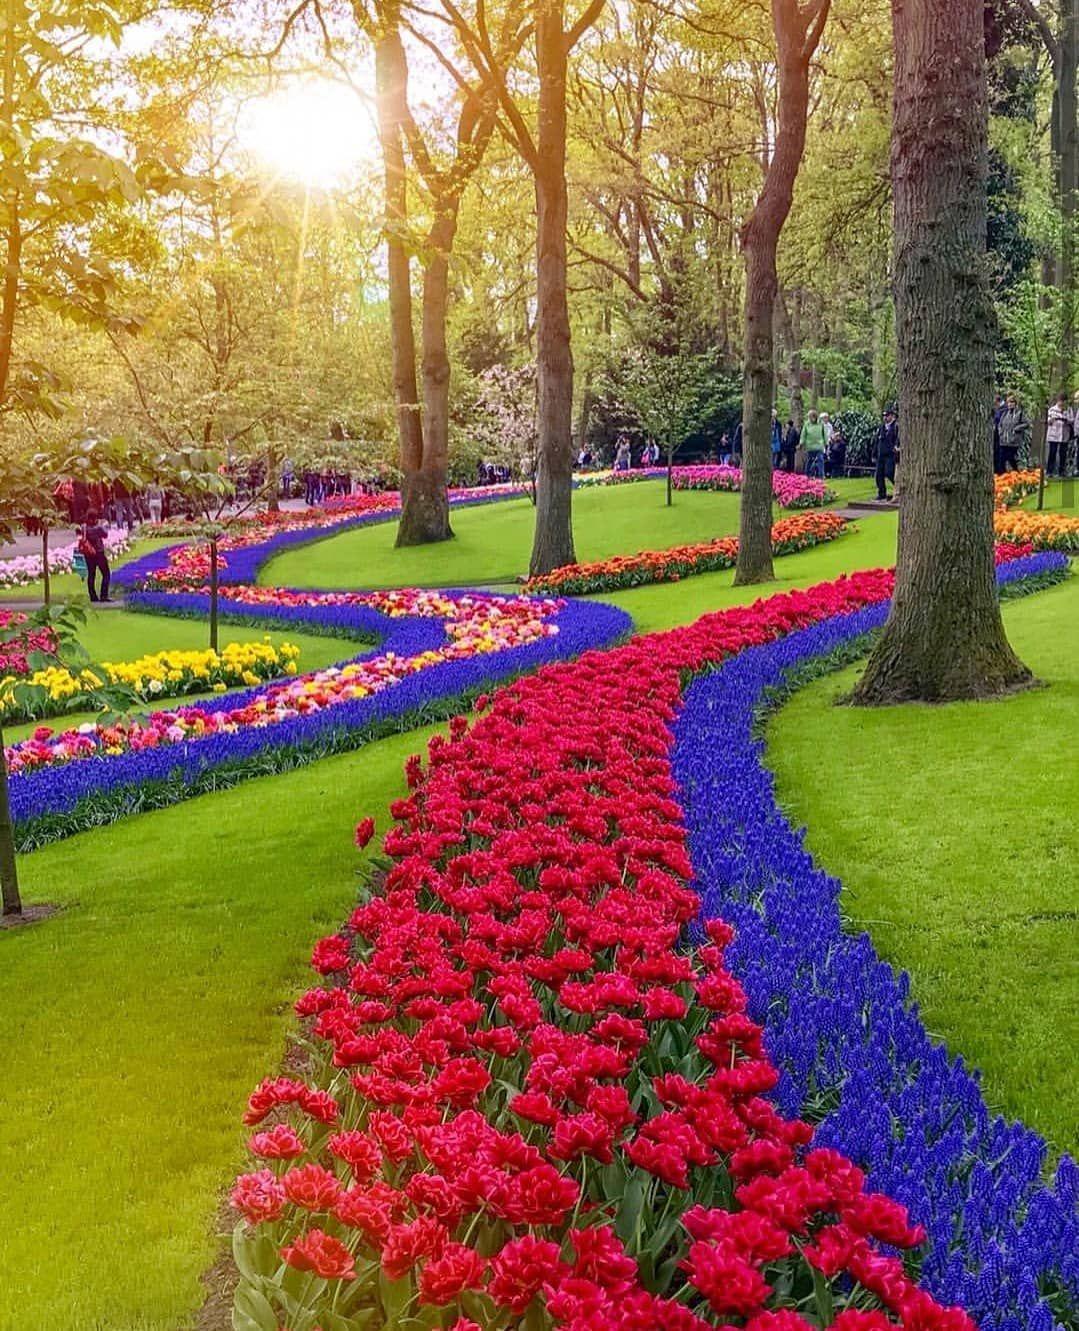 The Tulips Garden In Netherlands And In Swisterlands Masya Allah It S All Very Beautiful Thus Is Heaven On Earth Bagaimana Dengan Kebun Bunga Pemandangan Kebun